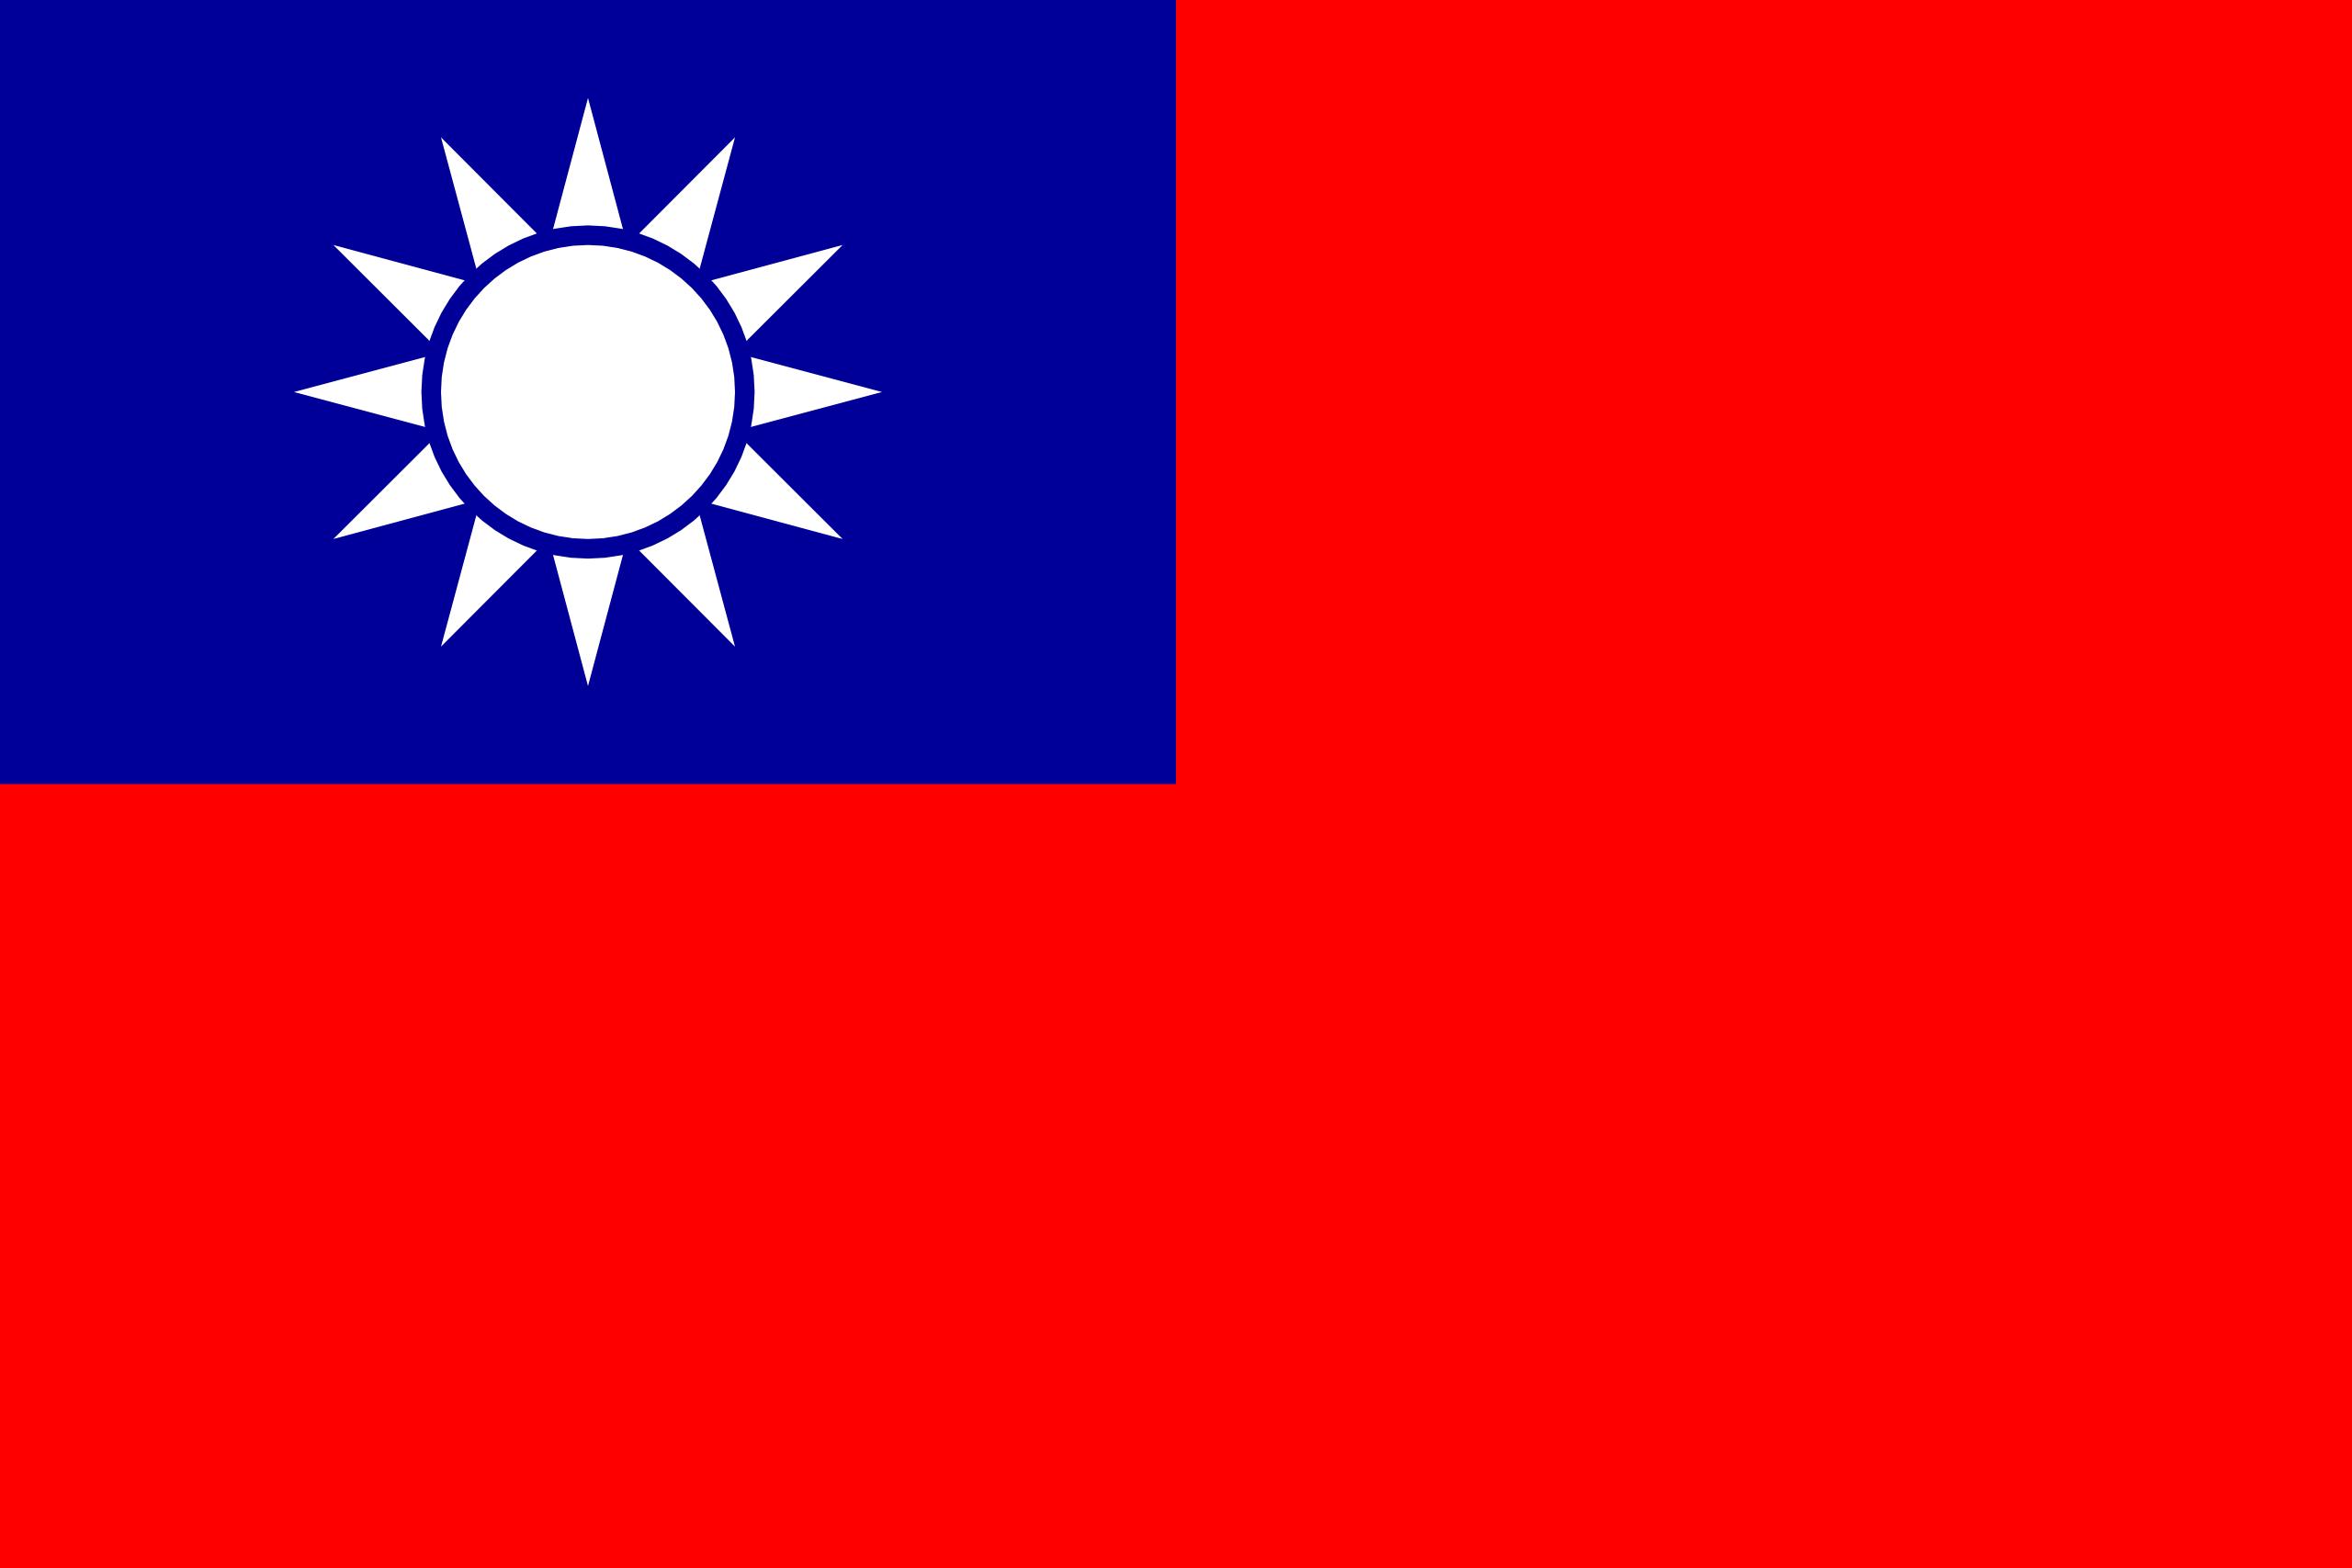 república de china, país, emblema, insignia, シンボル - HD の壁紙 - 教授-falken.com